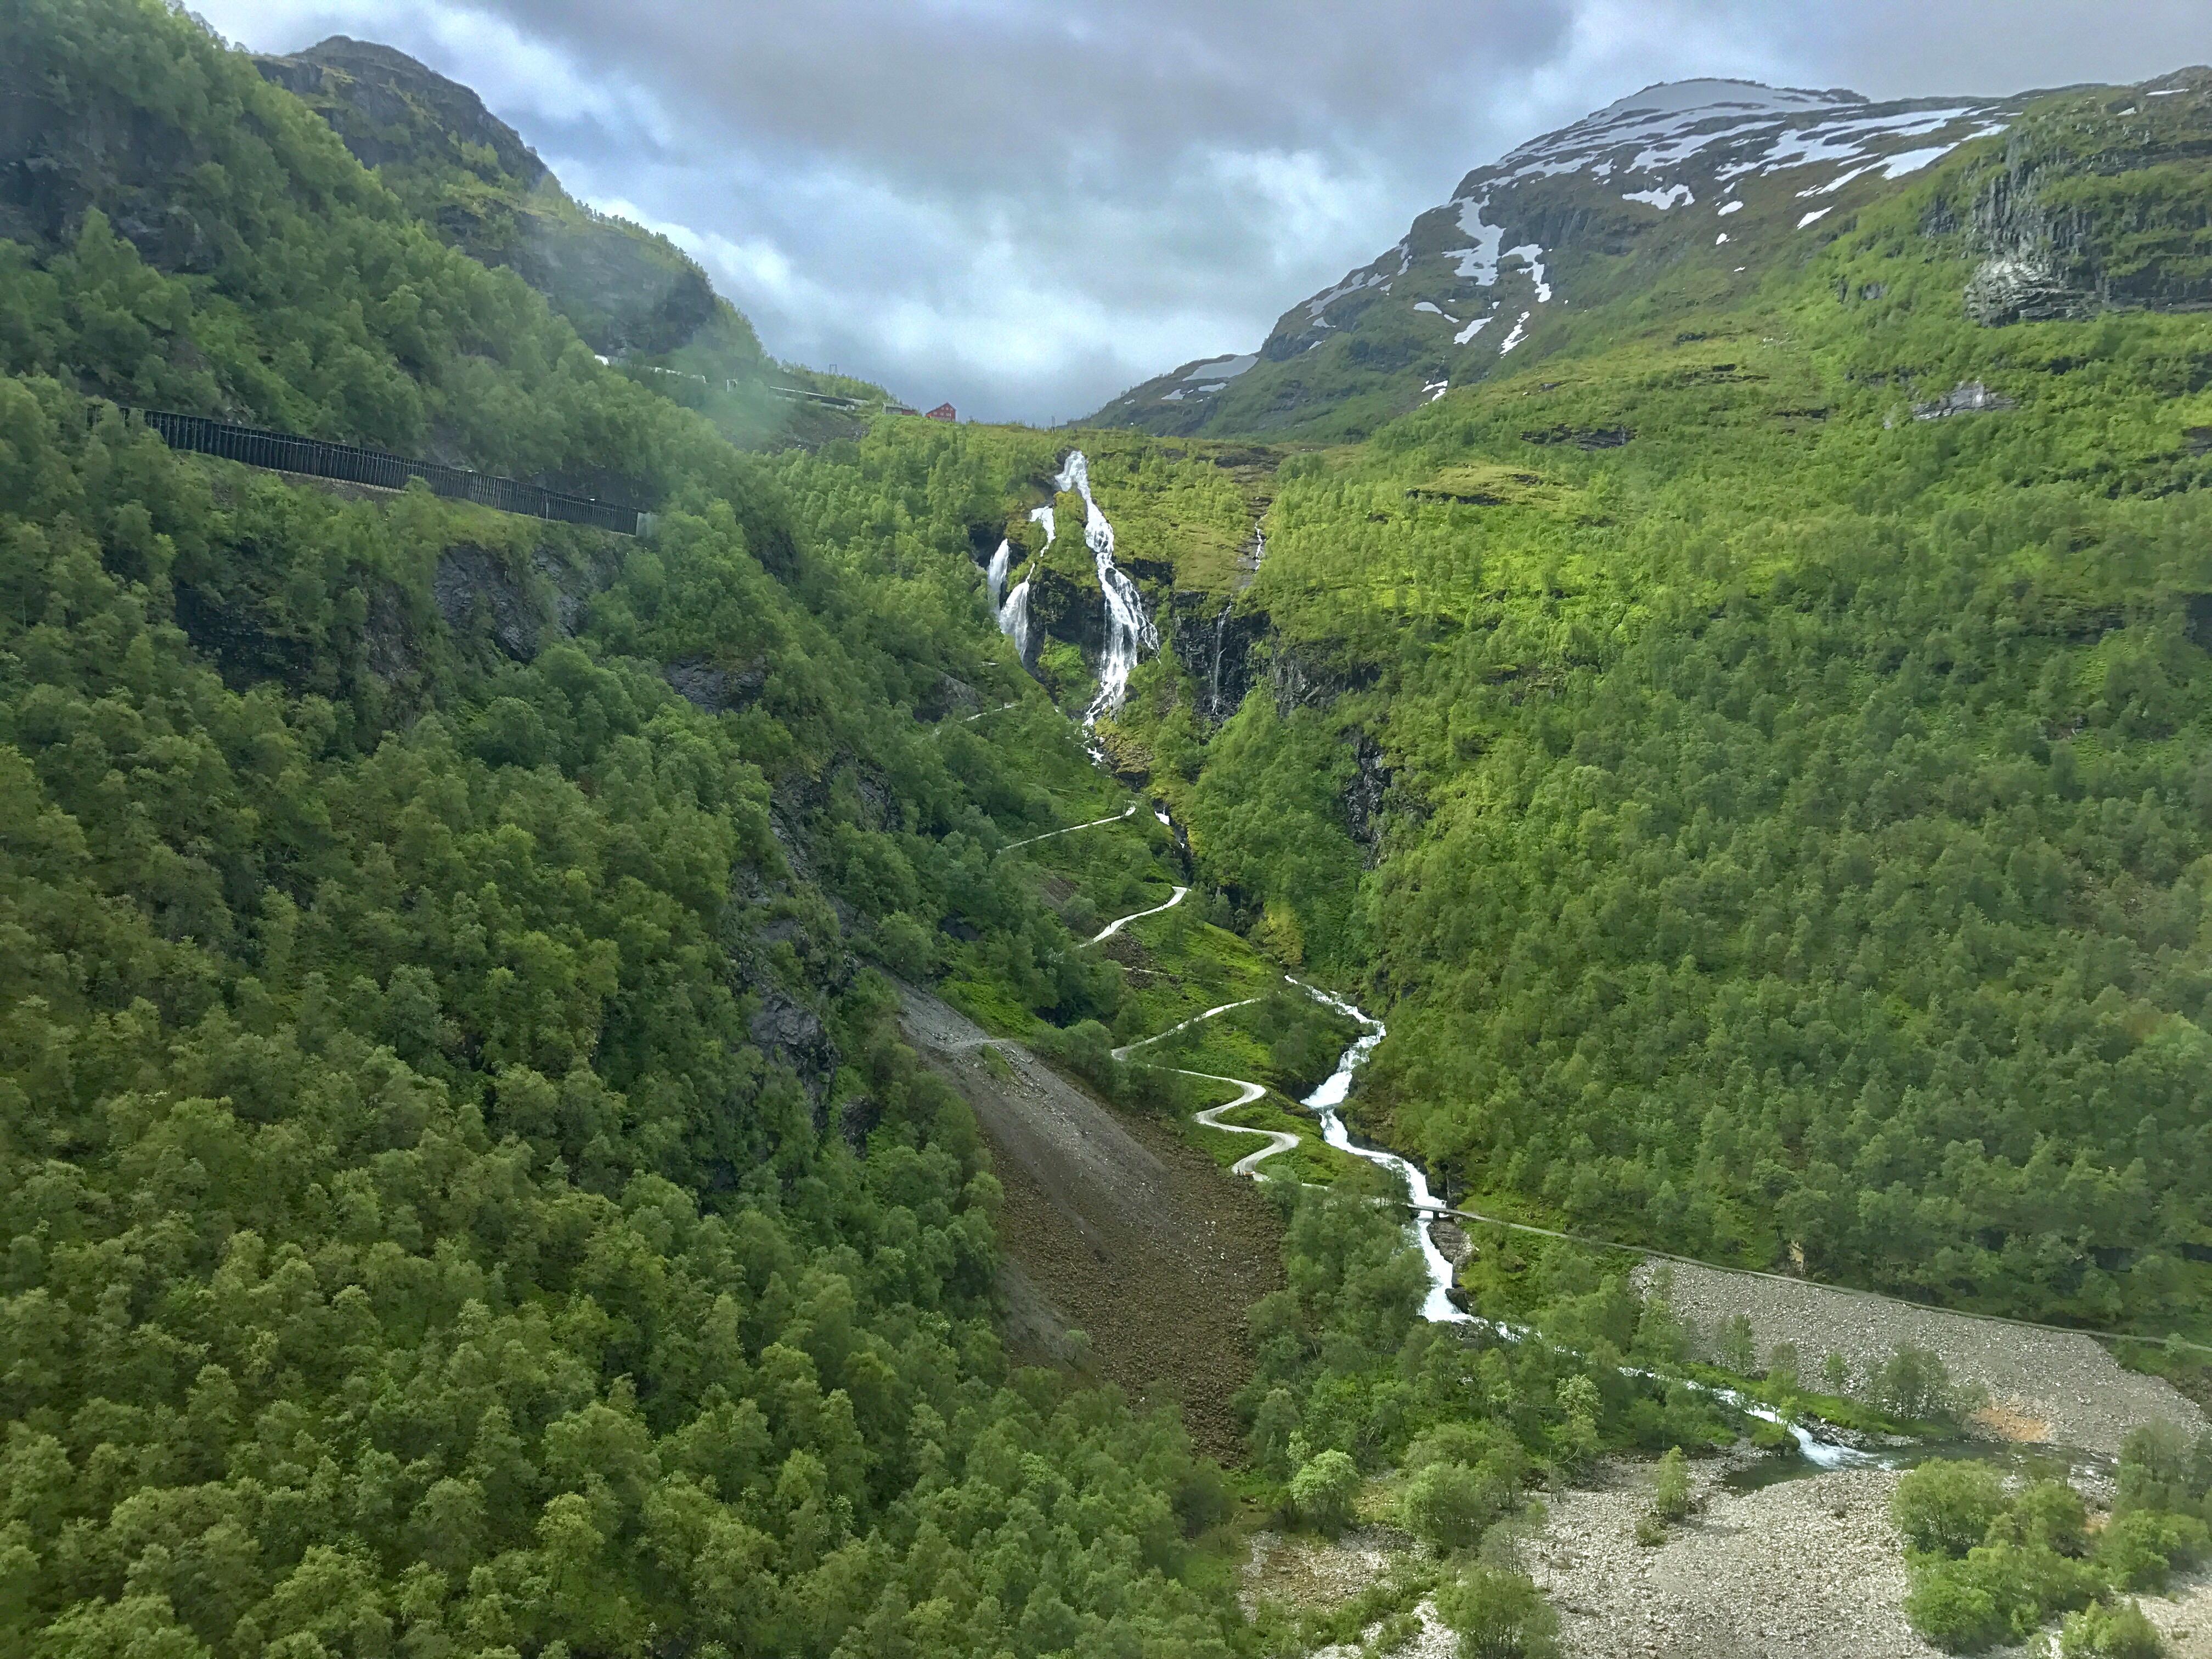 bergen_railway_norway_lustforthesublime